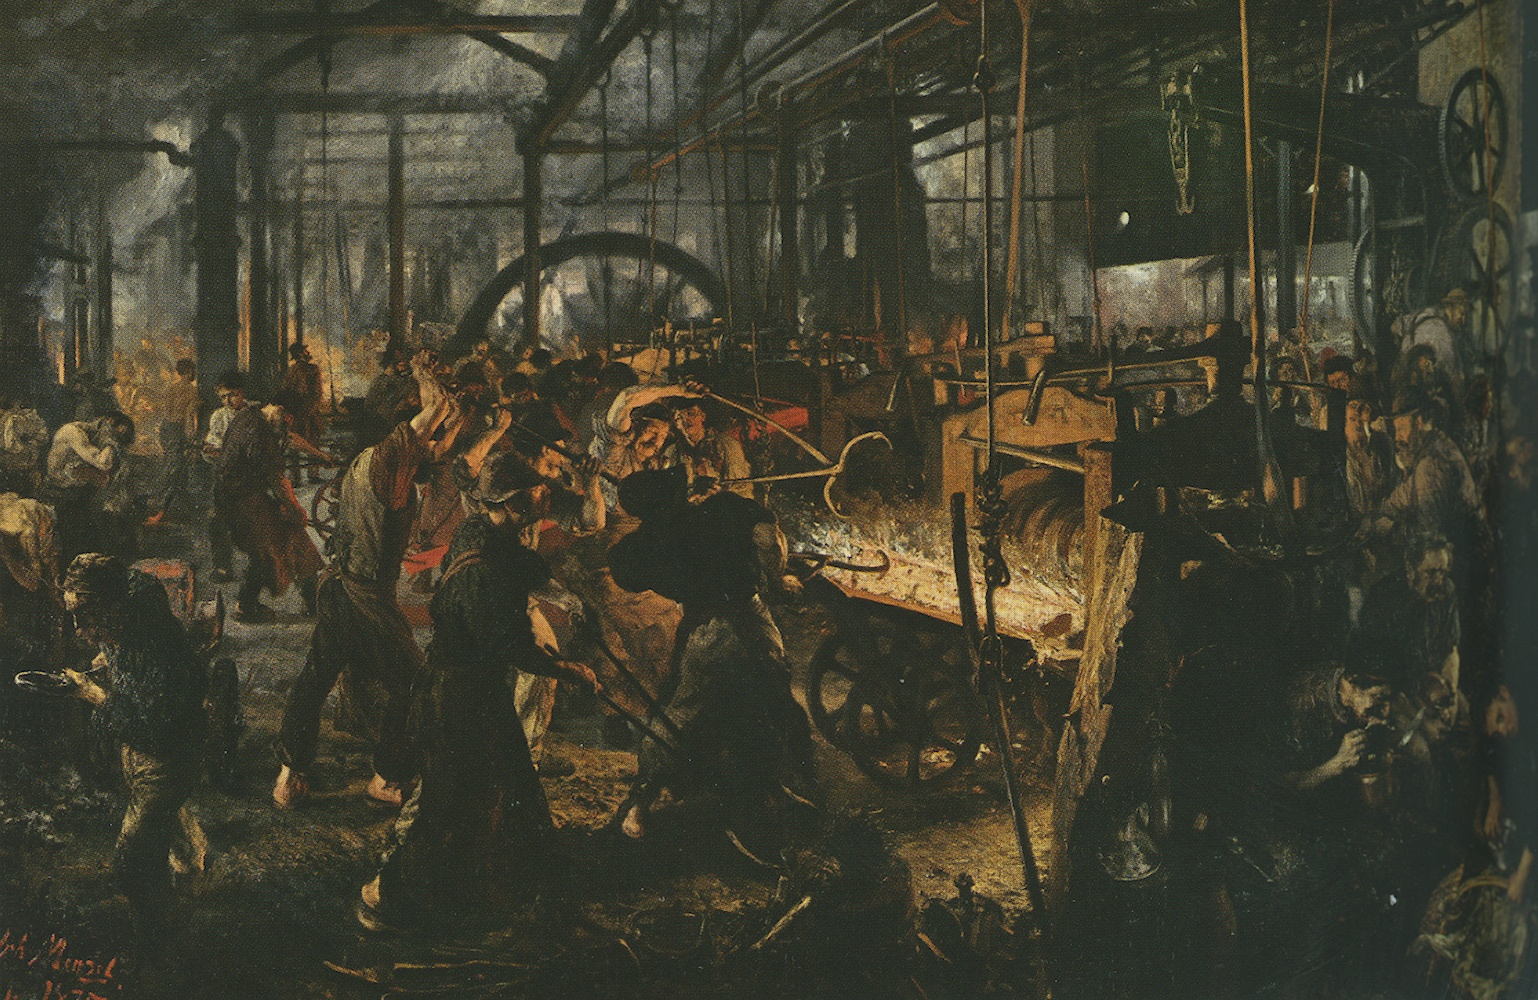 A. Von Menzel, La fornace col laminatoio, 1875